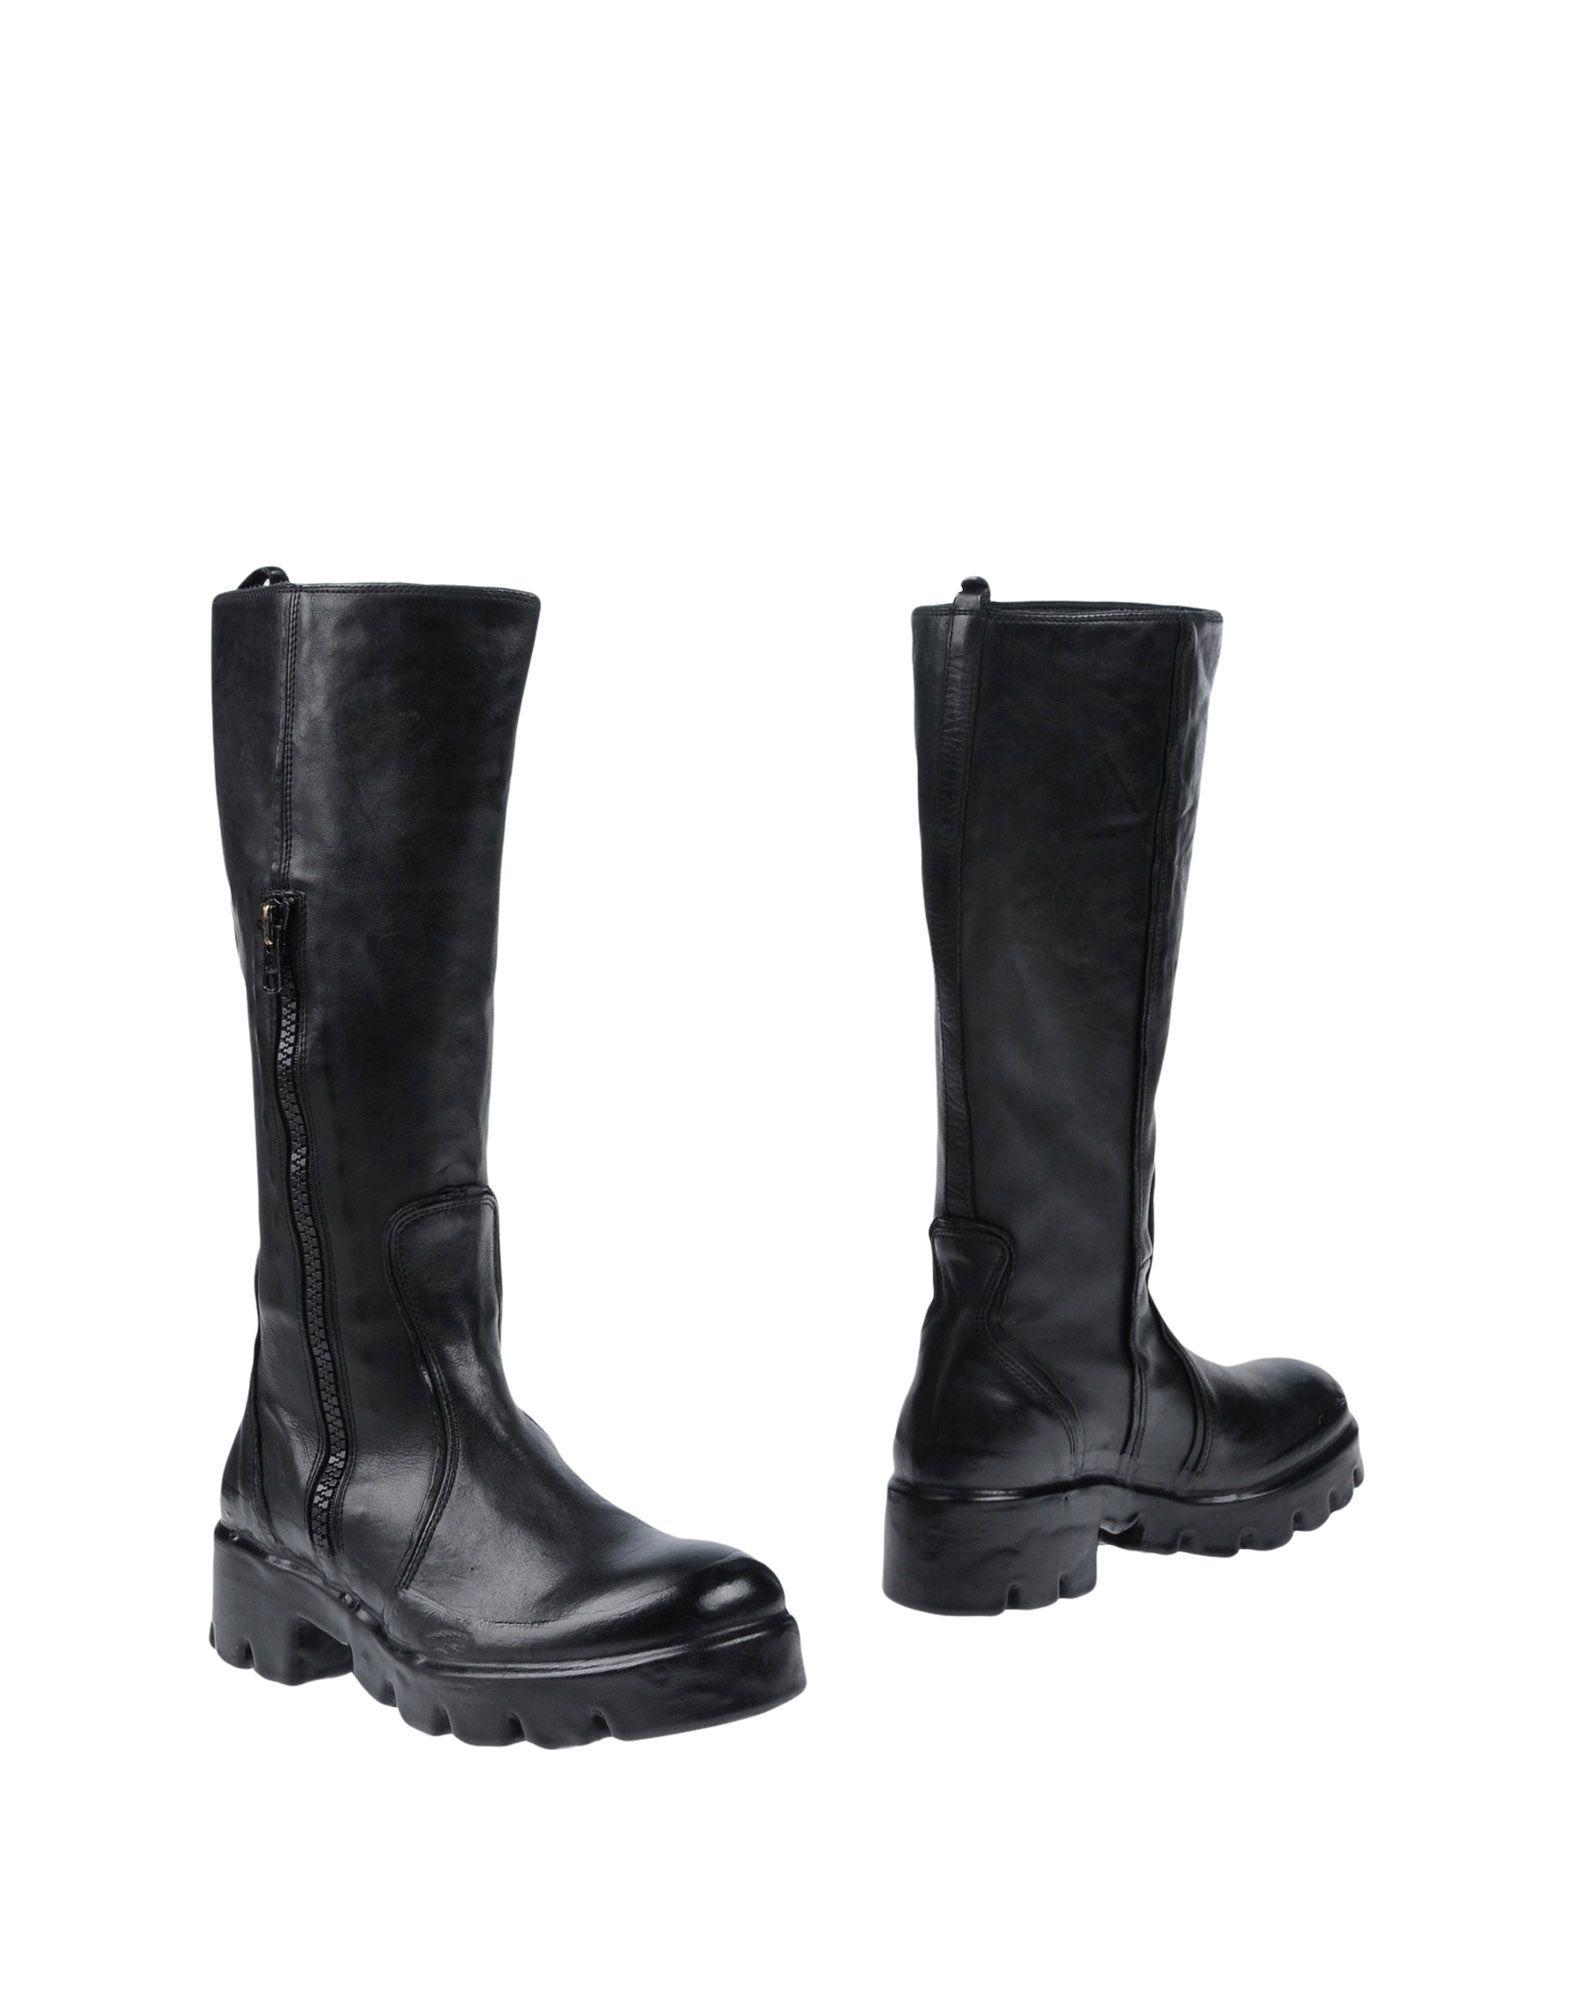 rubber soul bottes - femmes rubber soul 11457611ct bottes canada en ligne  sur canada bottes 4765d8 1152c999d247